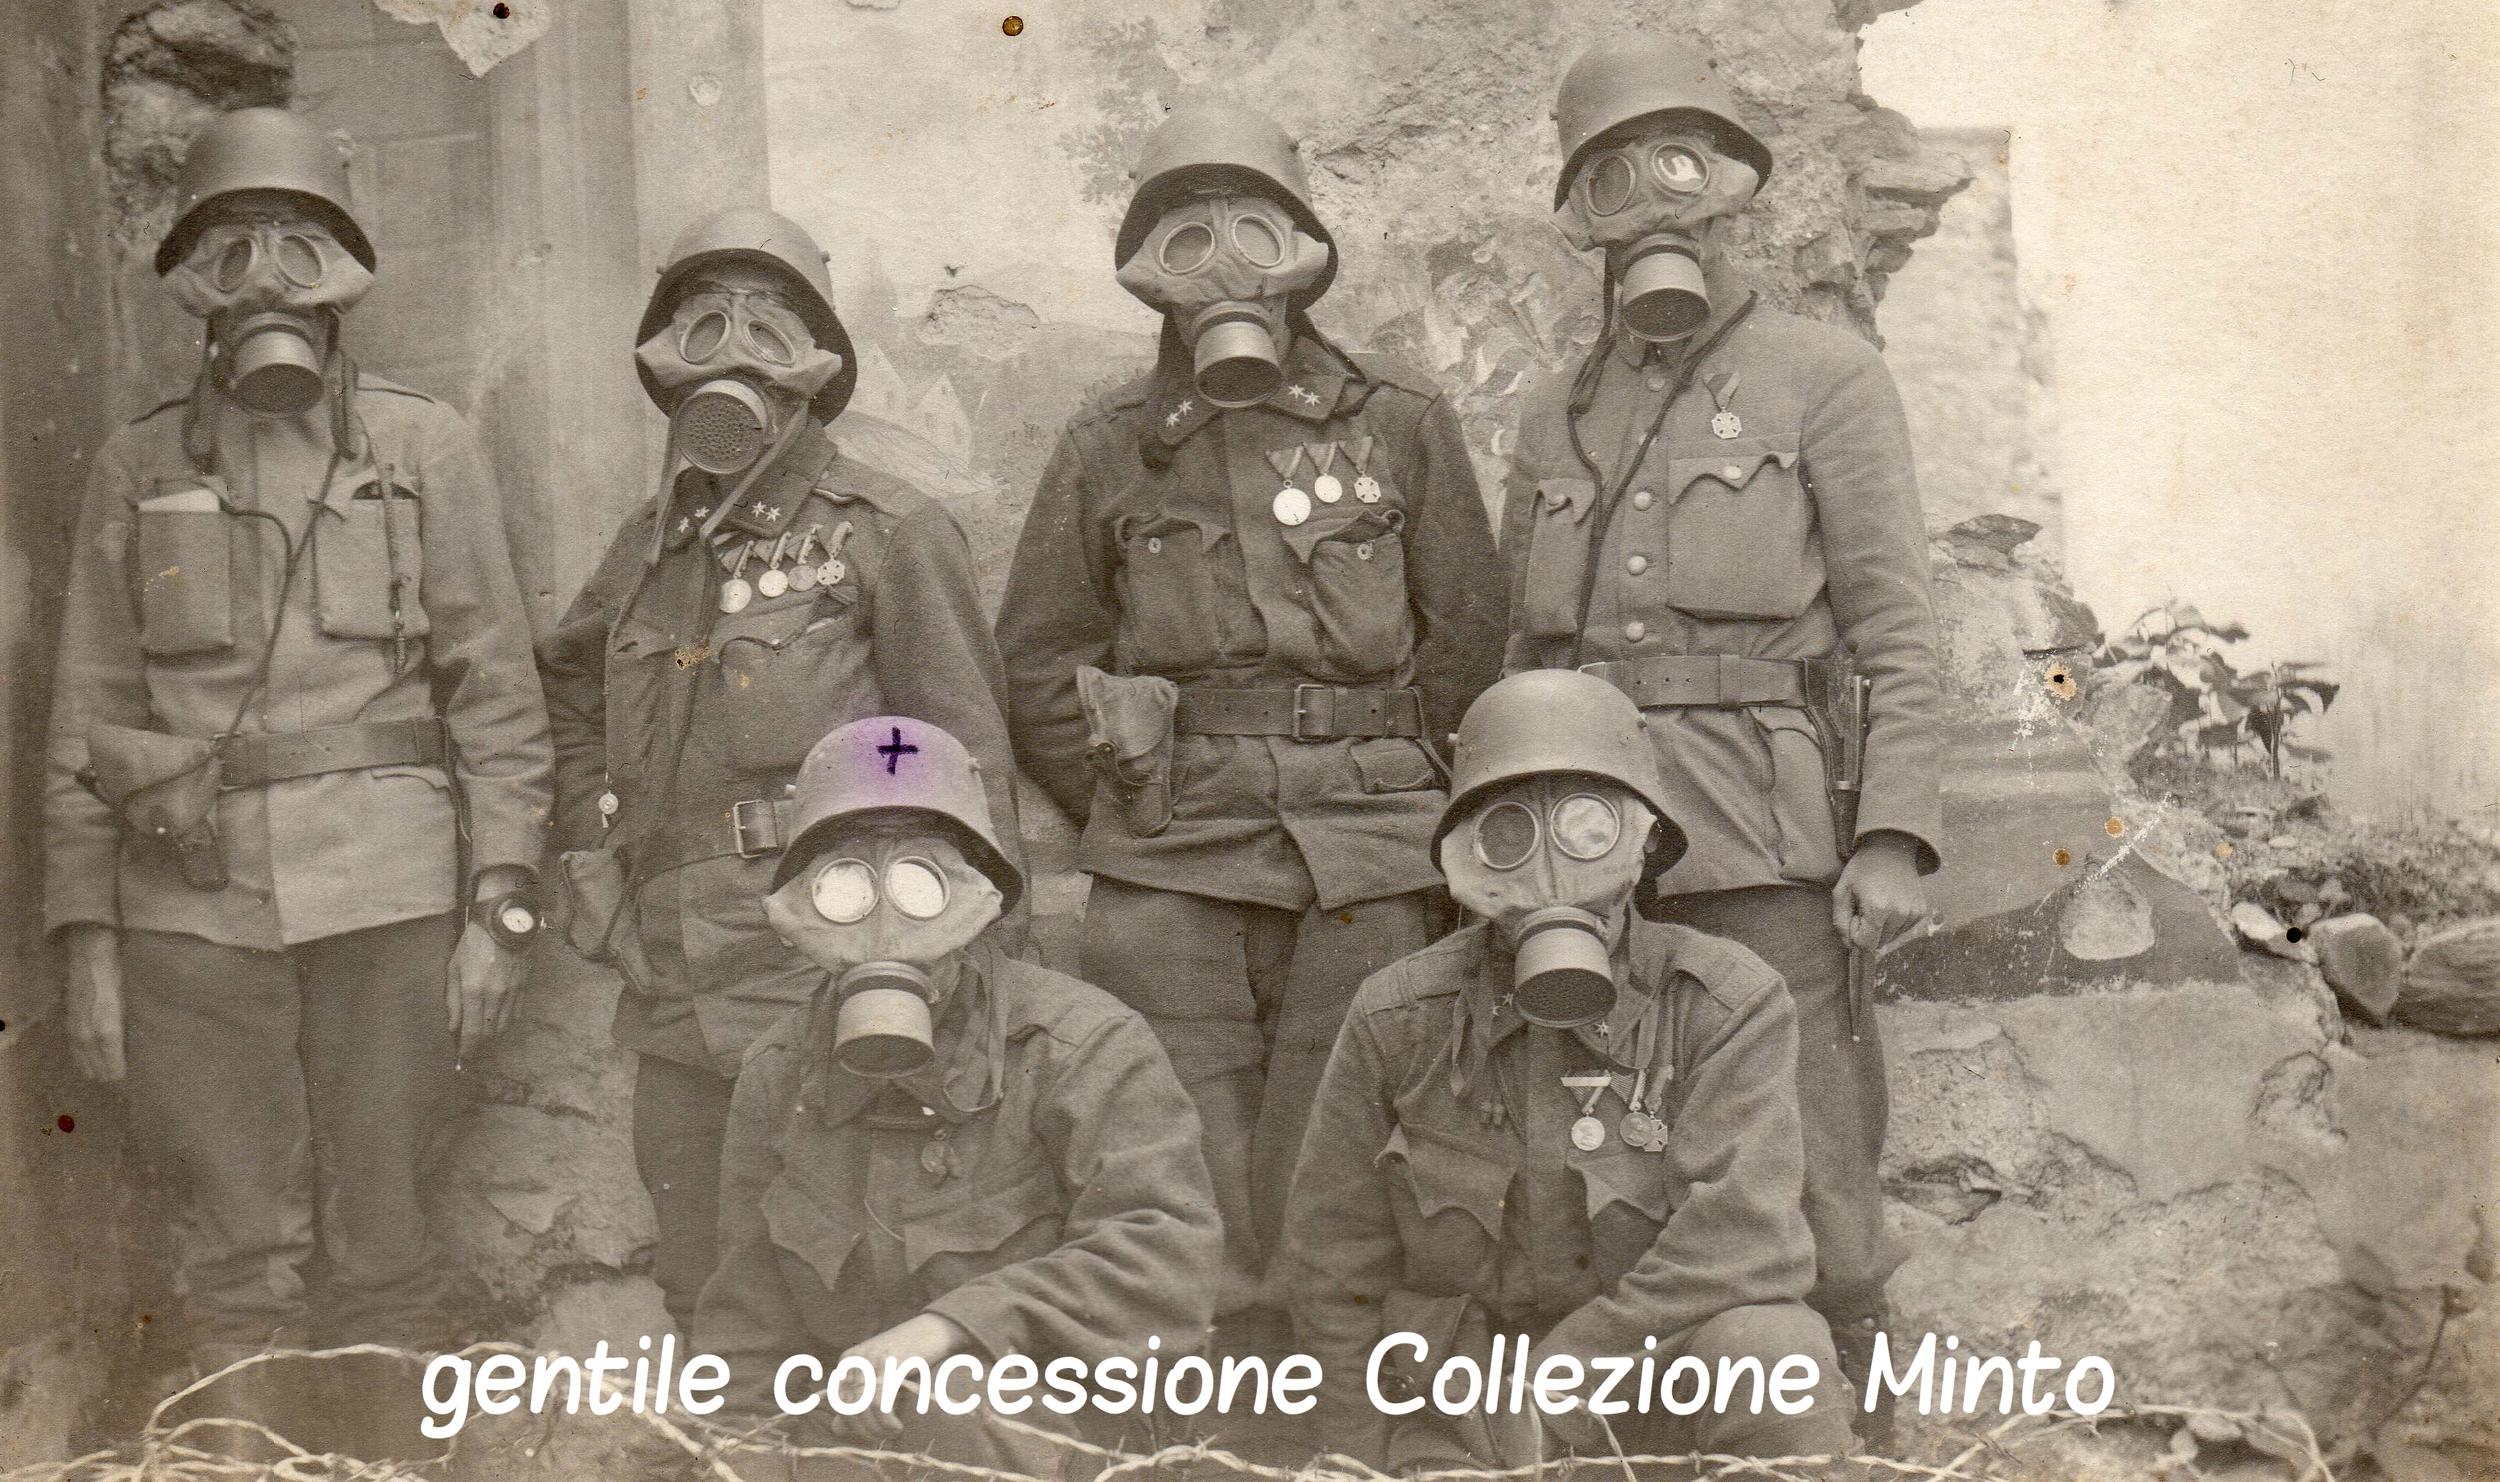 Soldati austroungarici sul fronte del Piave posano con le maschere antigas